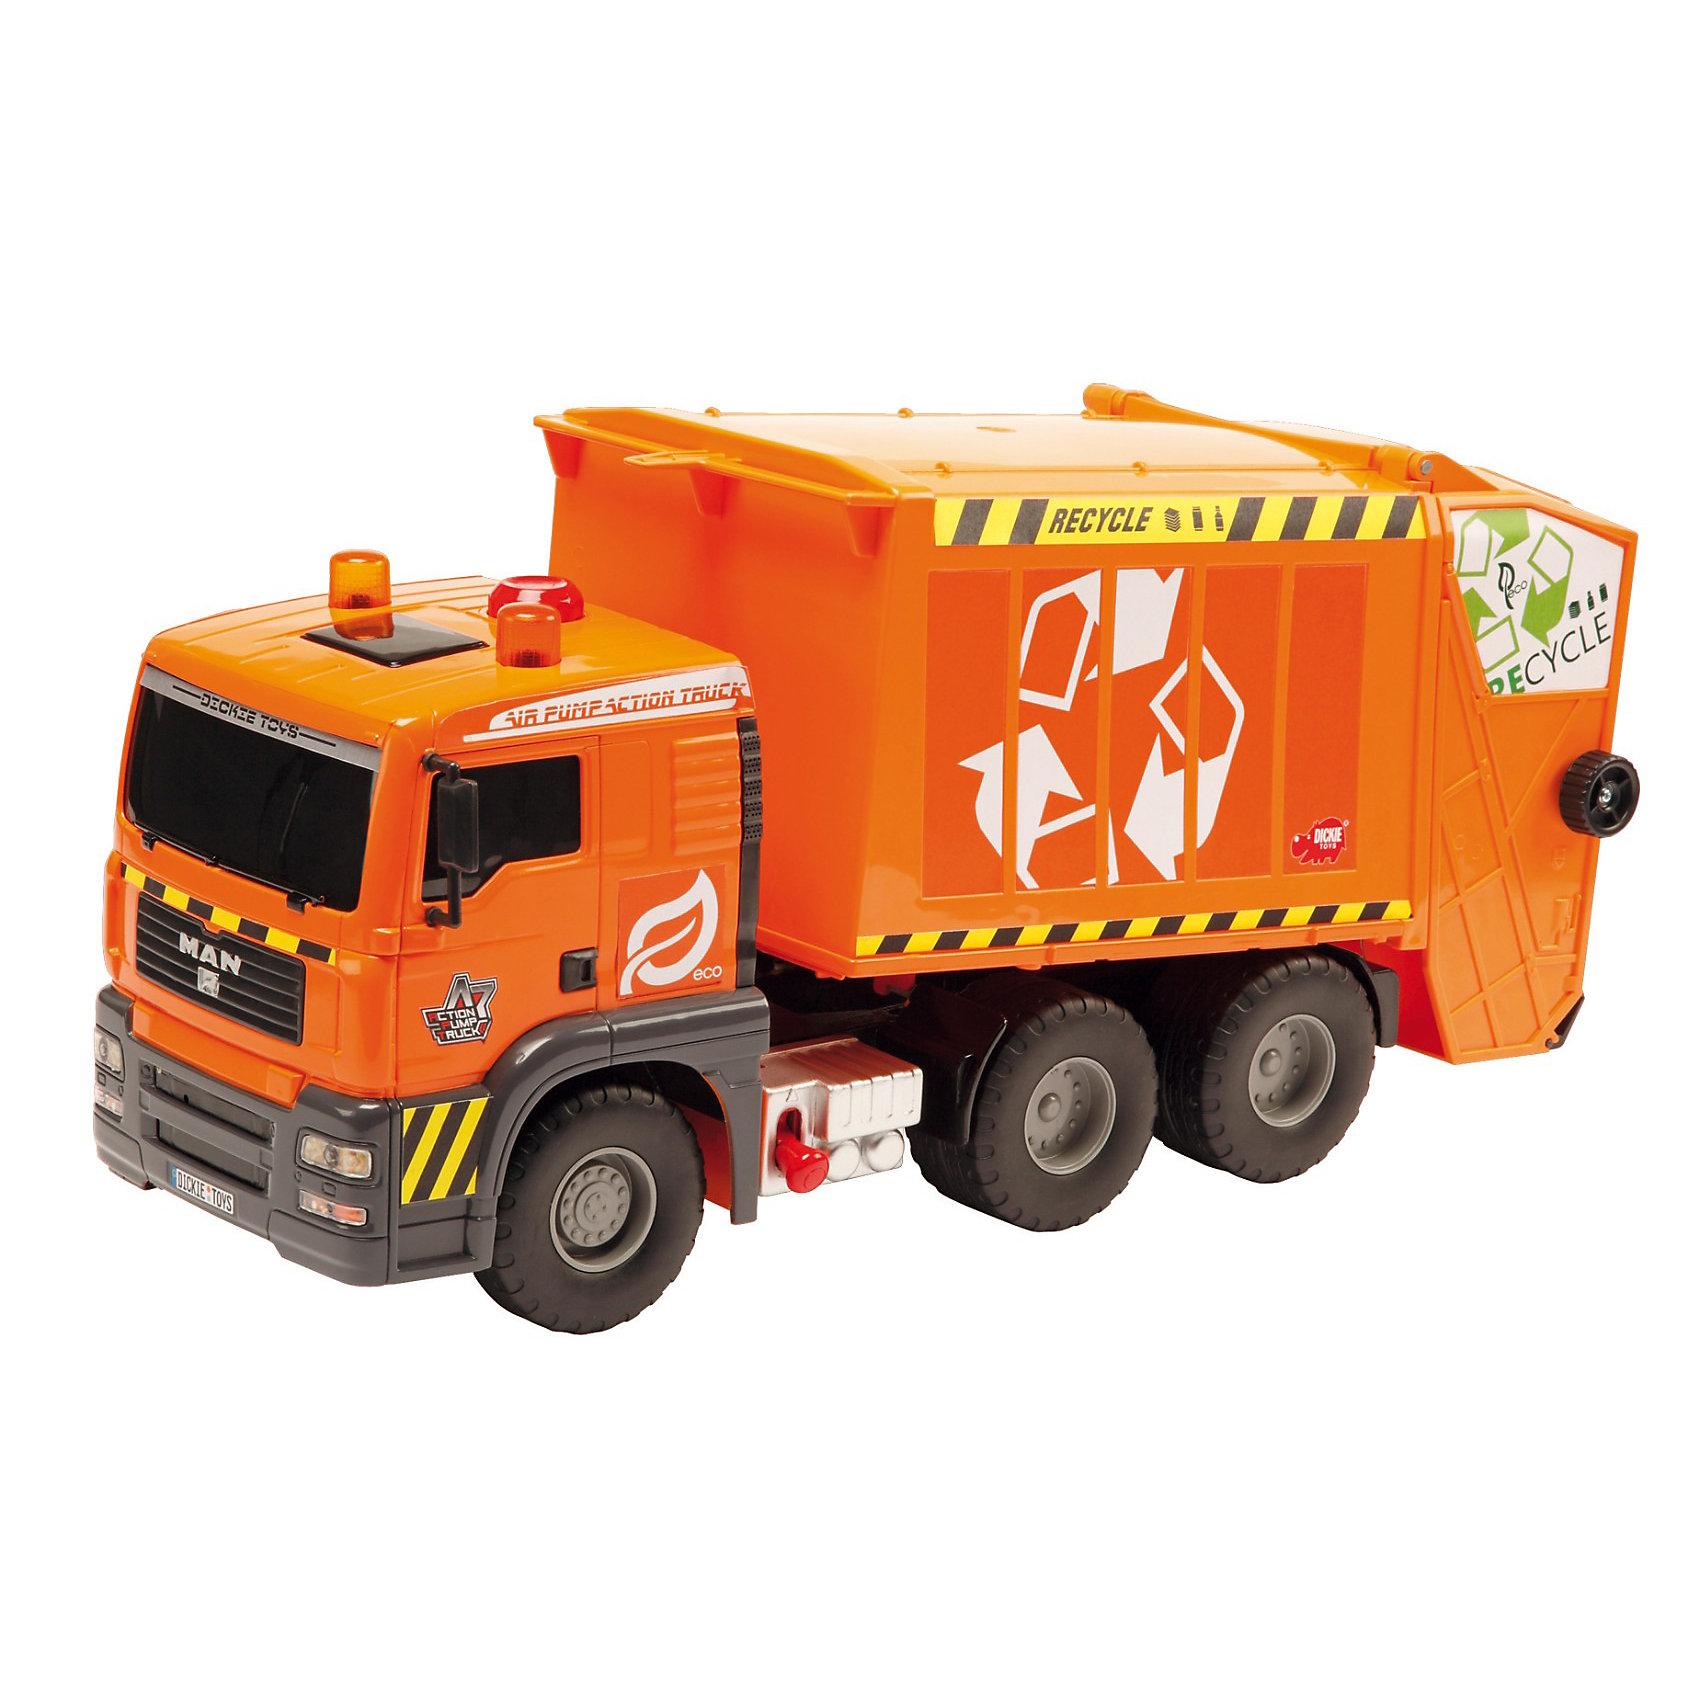 DICKIE Функциональный мусоровоз, 55 см.DICKIE Функциональный мусоровоз, 55 см. - реалистичный функциональный мусоровоз, который наверняка понравится всем юным любителям автотранспорта и спецтехники.<br><br>У мусоровоза имеется опрокидыватель и лифт для мусорных контейнеров. Мусорный бак и контейнер также входят в комплект. <br><br>При нажатии кнопки на кабине мусоровоза кузов поднимается и опрокидывается, а чтобы его опустить нужно нажать на рычаг под кузовом.<br>Задняя крышка кузова мусоровоза открывается.<br>У мусорного бака-контейнера открывается крышка, и контейнер можно наполнять различными мелкими деталями. Рабочий механизм захвата мусорных баков (ручной) подхватывает контейнер и выгружает мусор в кузов мусоровоза. <br><br><br>Дополнительная информация:<br><br><br>- Размер игрушки: 55 см.<br>- Материал: высококачественная пластмасса. <br>- Упаковка: коробка. <br>- Размеры коробки: 60х20,5х30 см. <br><br> Dickie — это серии невероятно популярных среди коллекционеров моделей машинок, повторяющих в миниатюрной версии настоящие автомобили. Используя последние технологии производства, уделяя особое внимание деталям и техническим соответствиям, Dickie добивается точности в повторении оригинальных прототипов автомобилей.<br><br>Ширина мм: 303<br>Глубина мм: 600<br>Высота мм: 198<br>Вес г: 2240<br>Возраст от месяцев: 36<br>Возраст до месяцев: 1164<br>Пол: Мужской<br>Возраст: Детский<br>SKU: 2265148